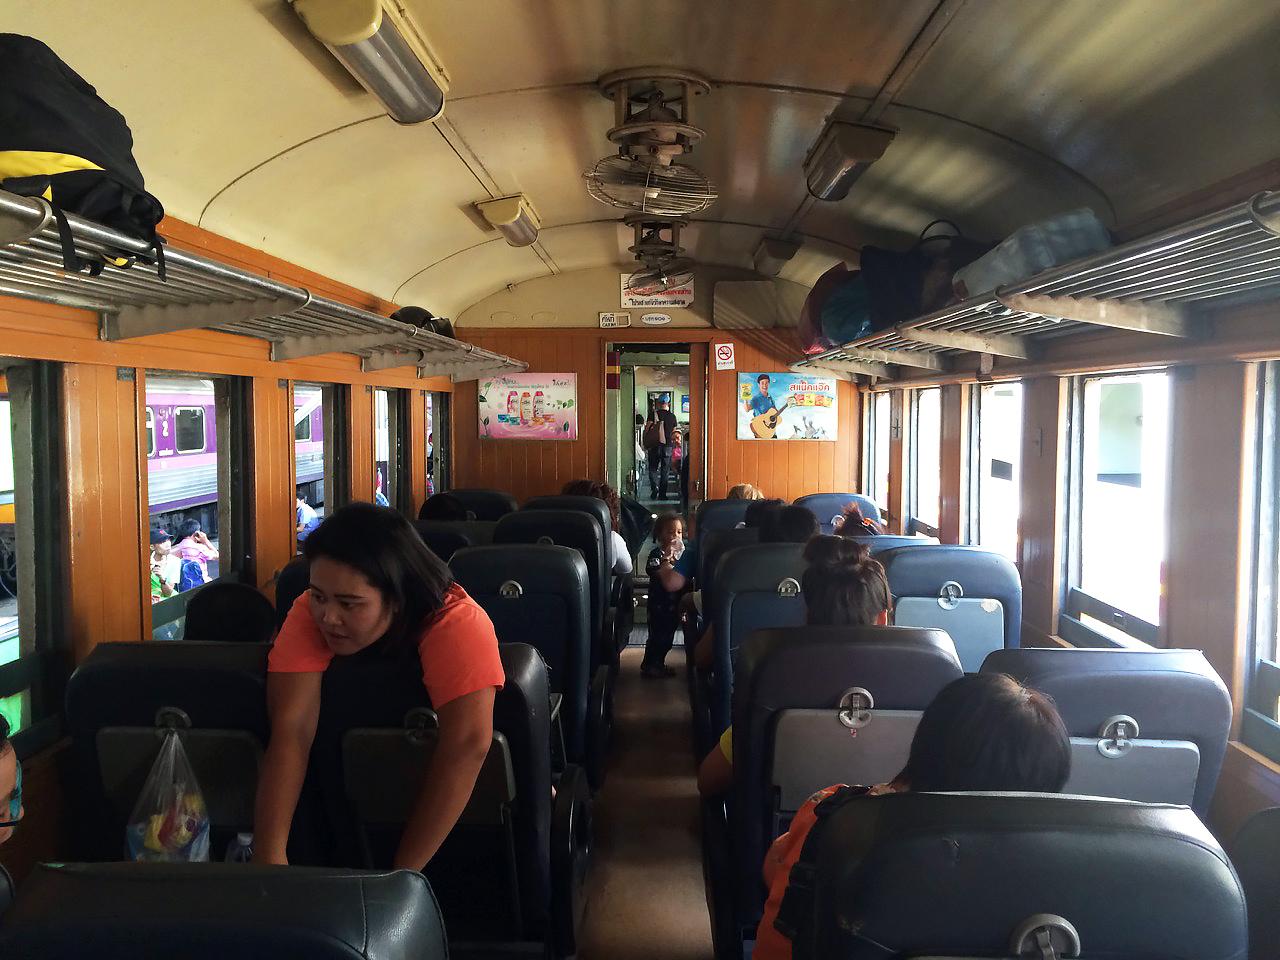 Путешествие по Таиланду, Аюттхая: Сидячий вагон с мягкими креслами